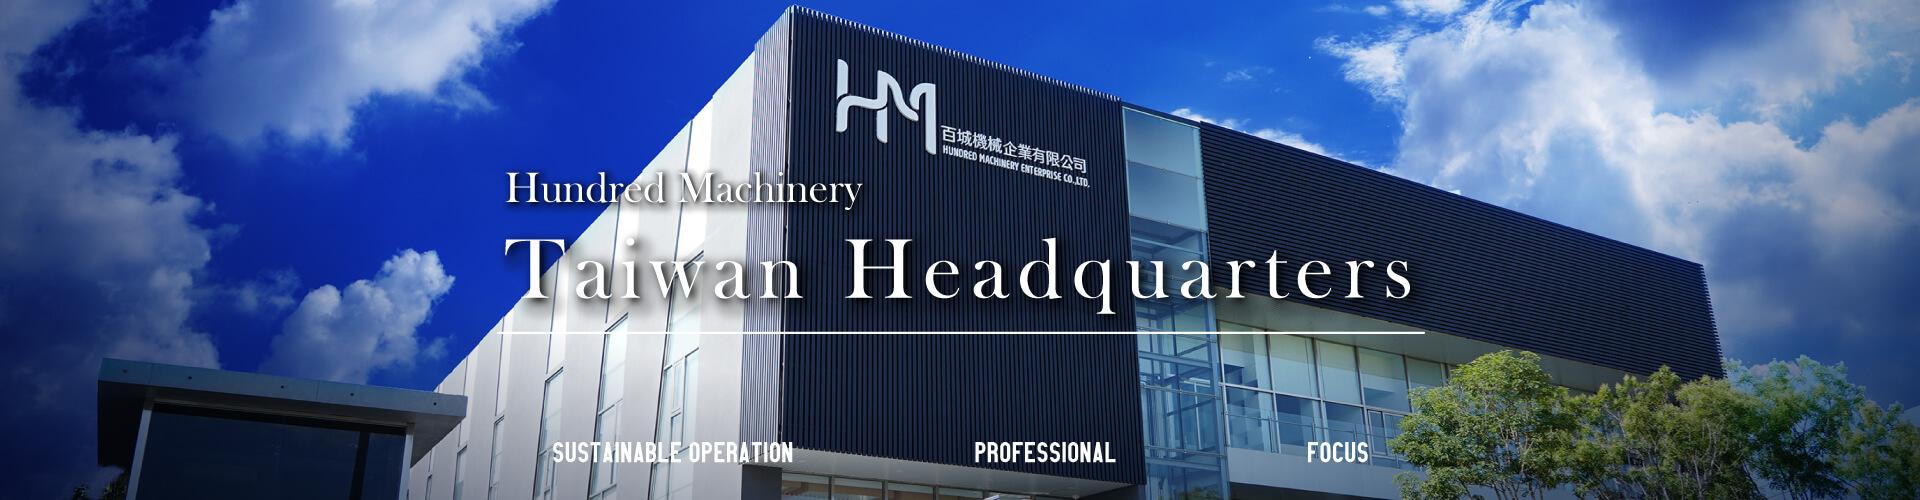 headquarter